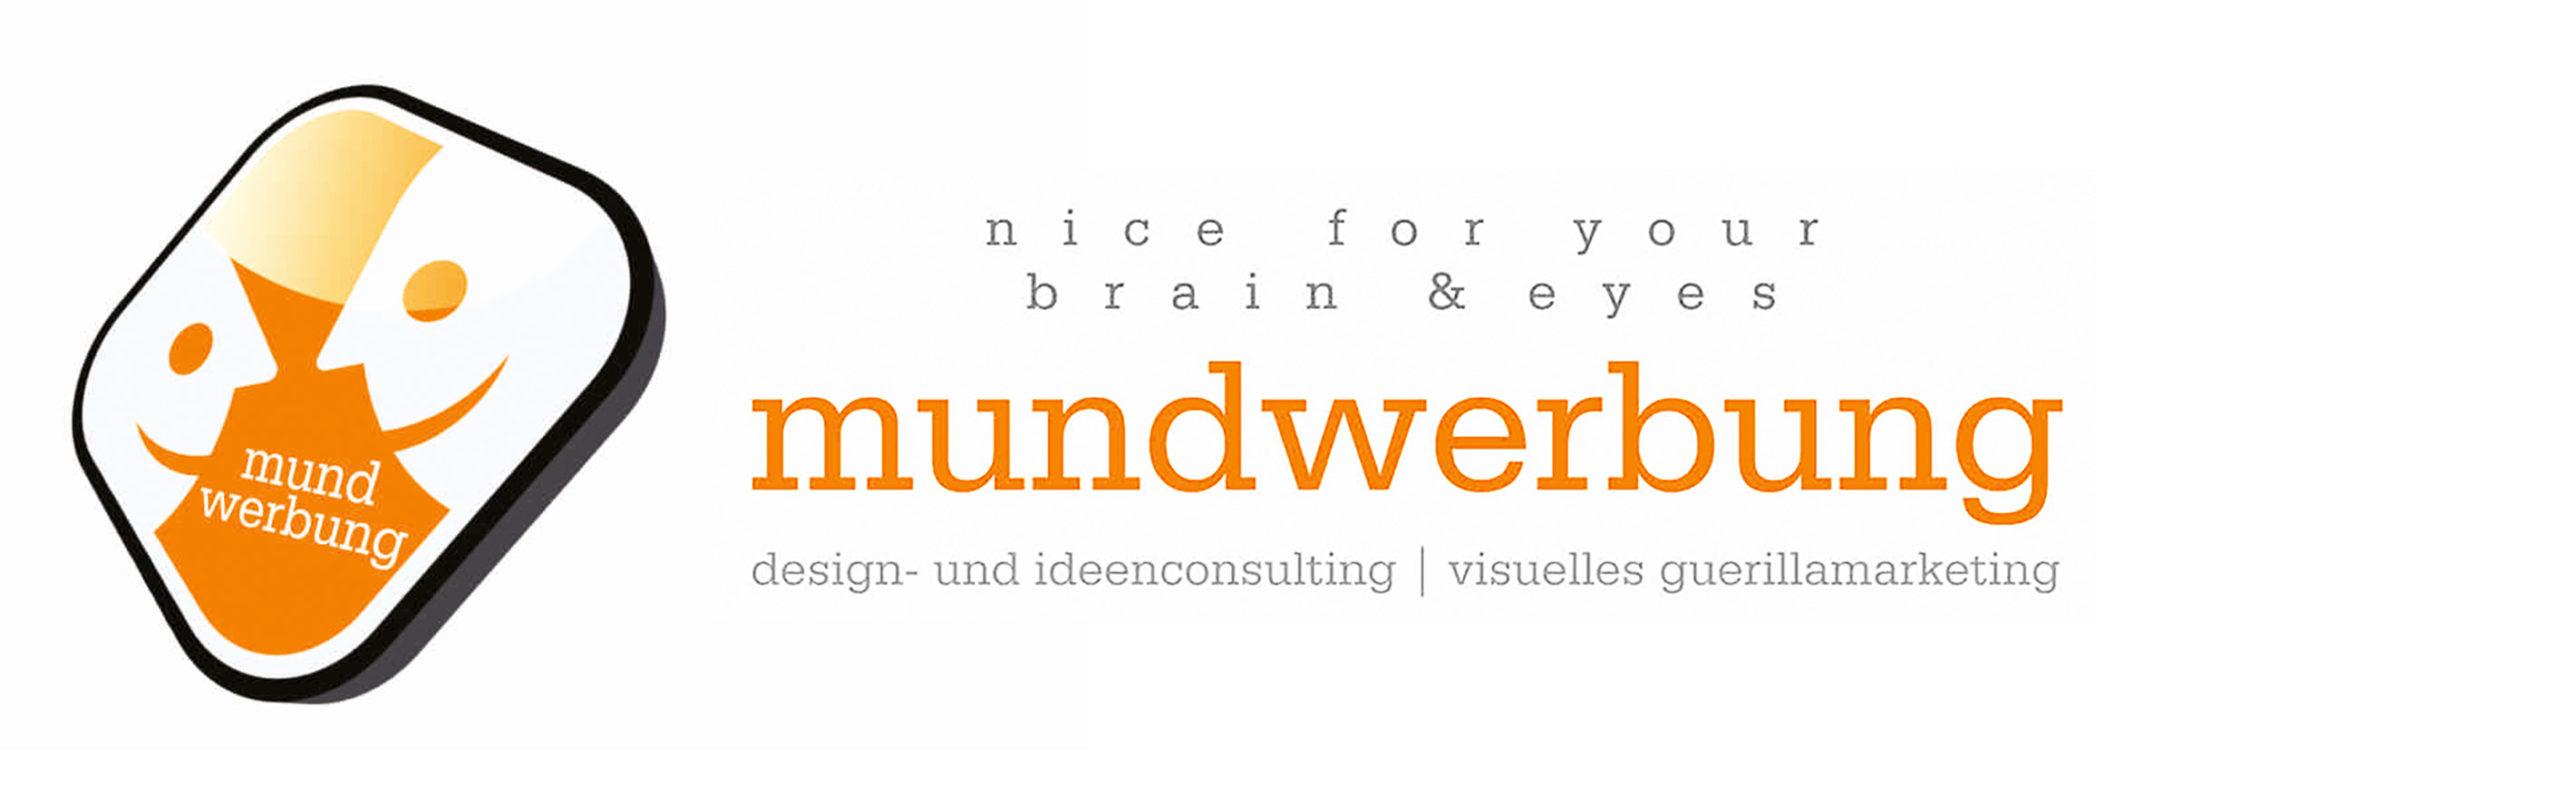 https://kuenner-immobilien.de/wp-content/uploads/2020/07/logo-mundwerbung-mod2-Kopie-scaled.jpg